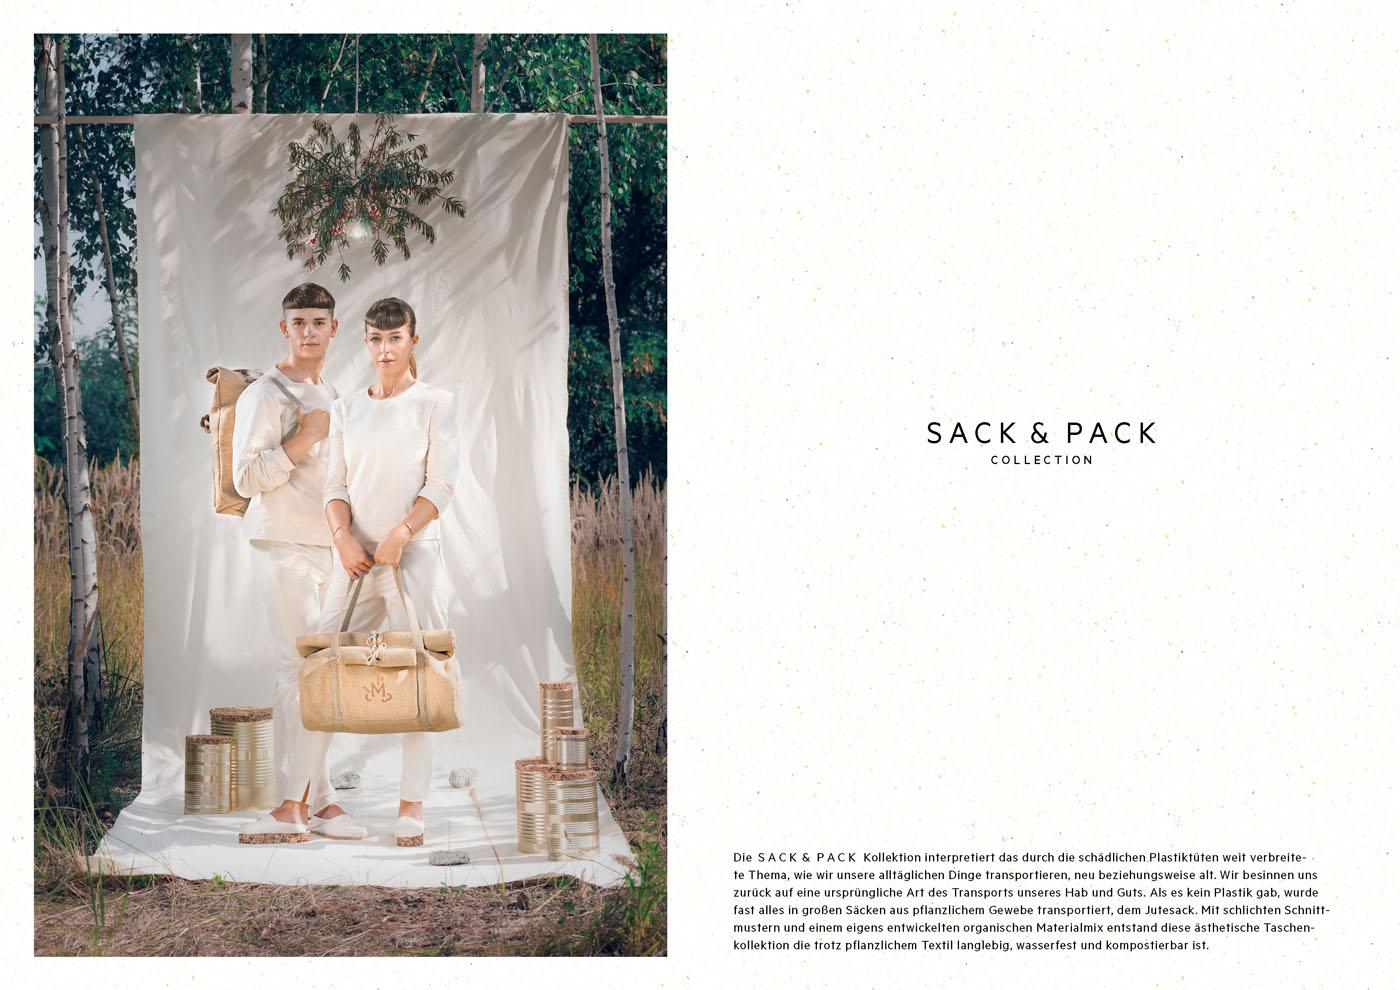 SACK & PACK Taschenkollektion